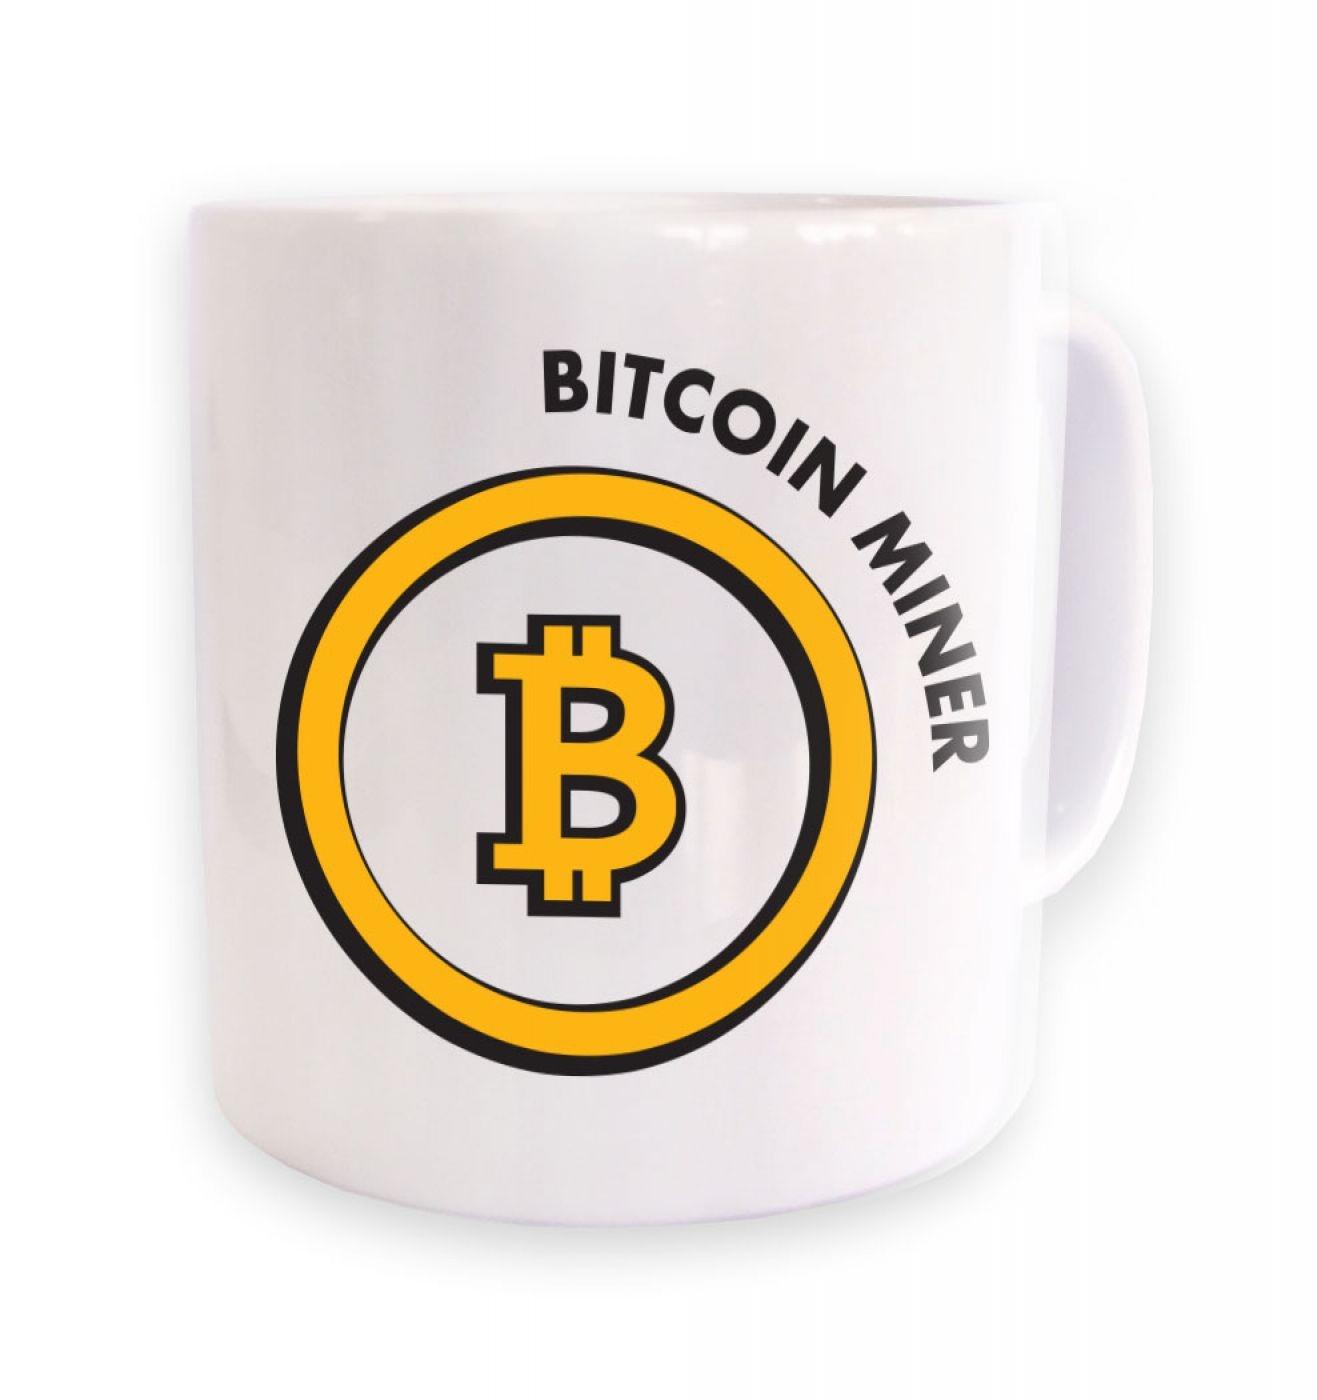 Bitcoin Miner mug